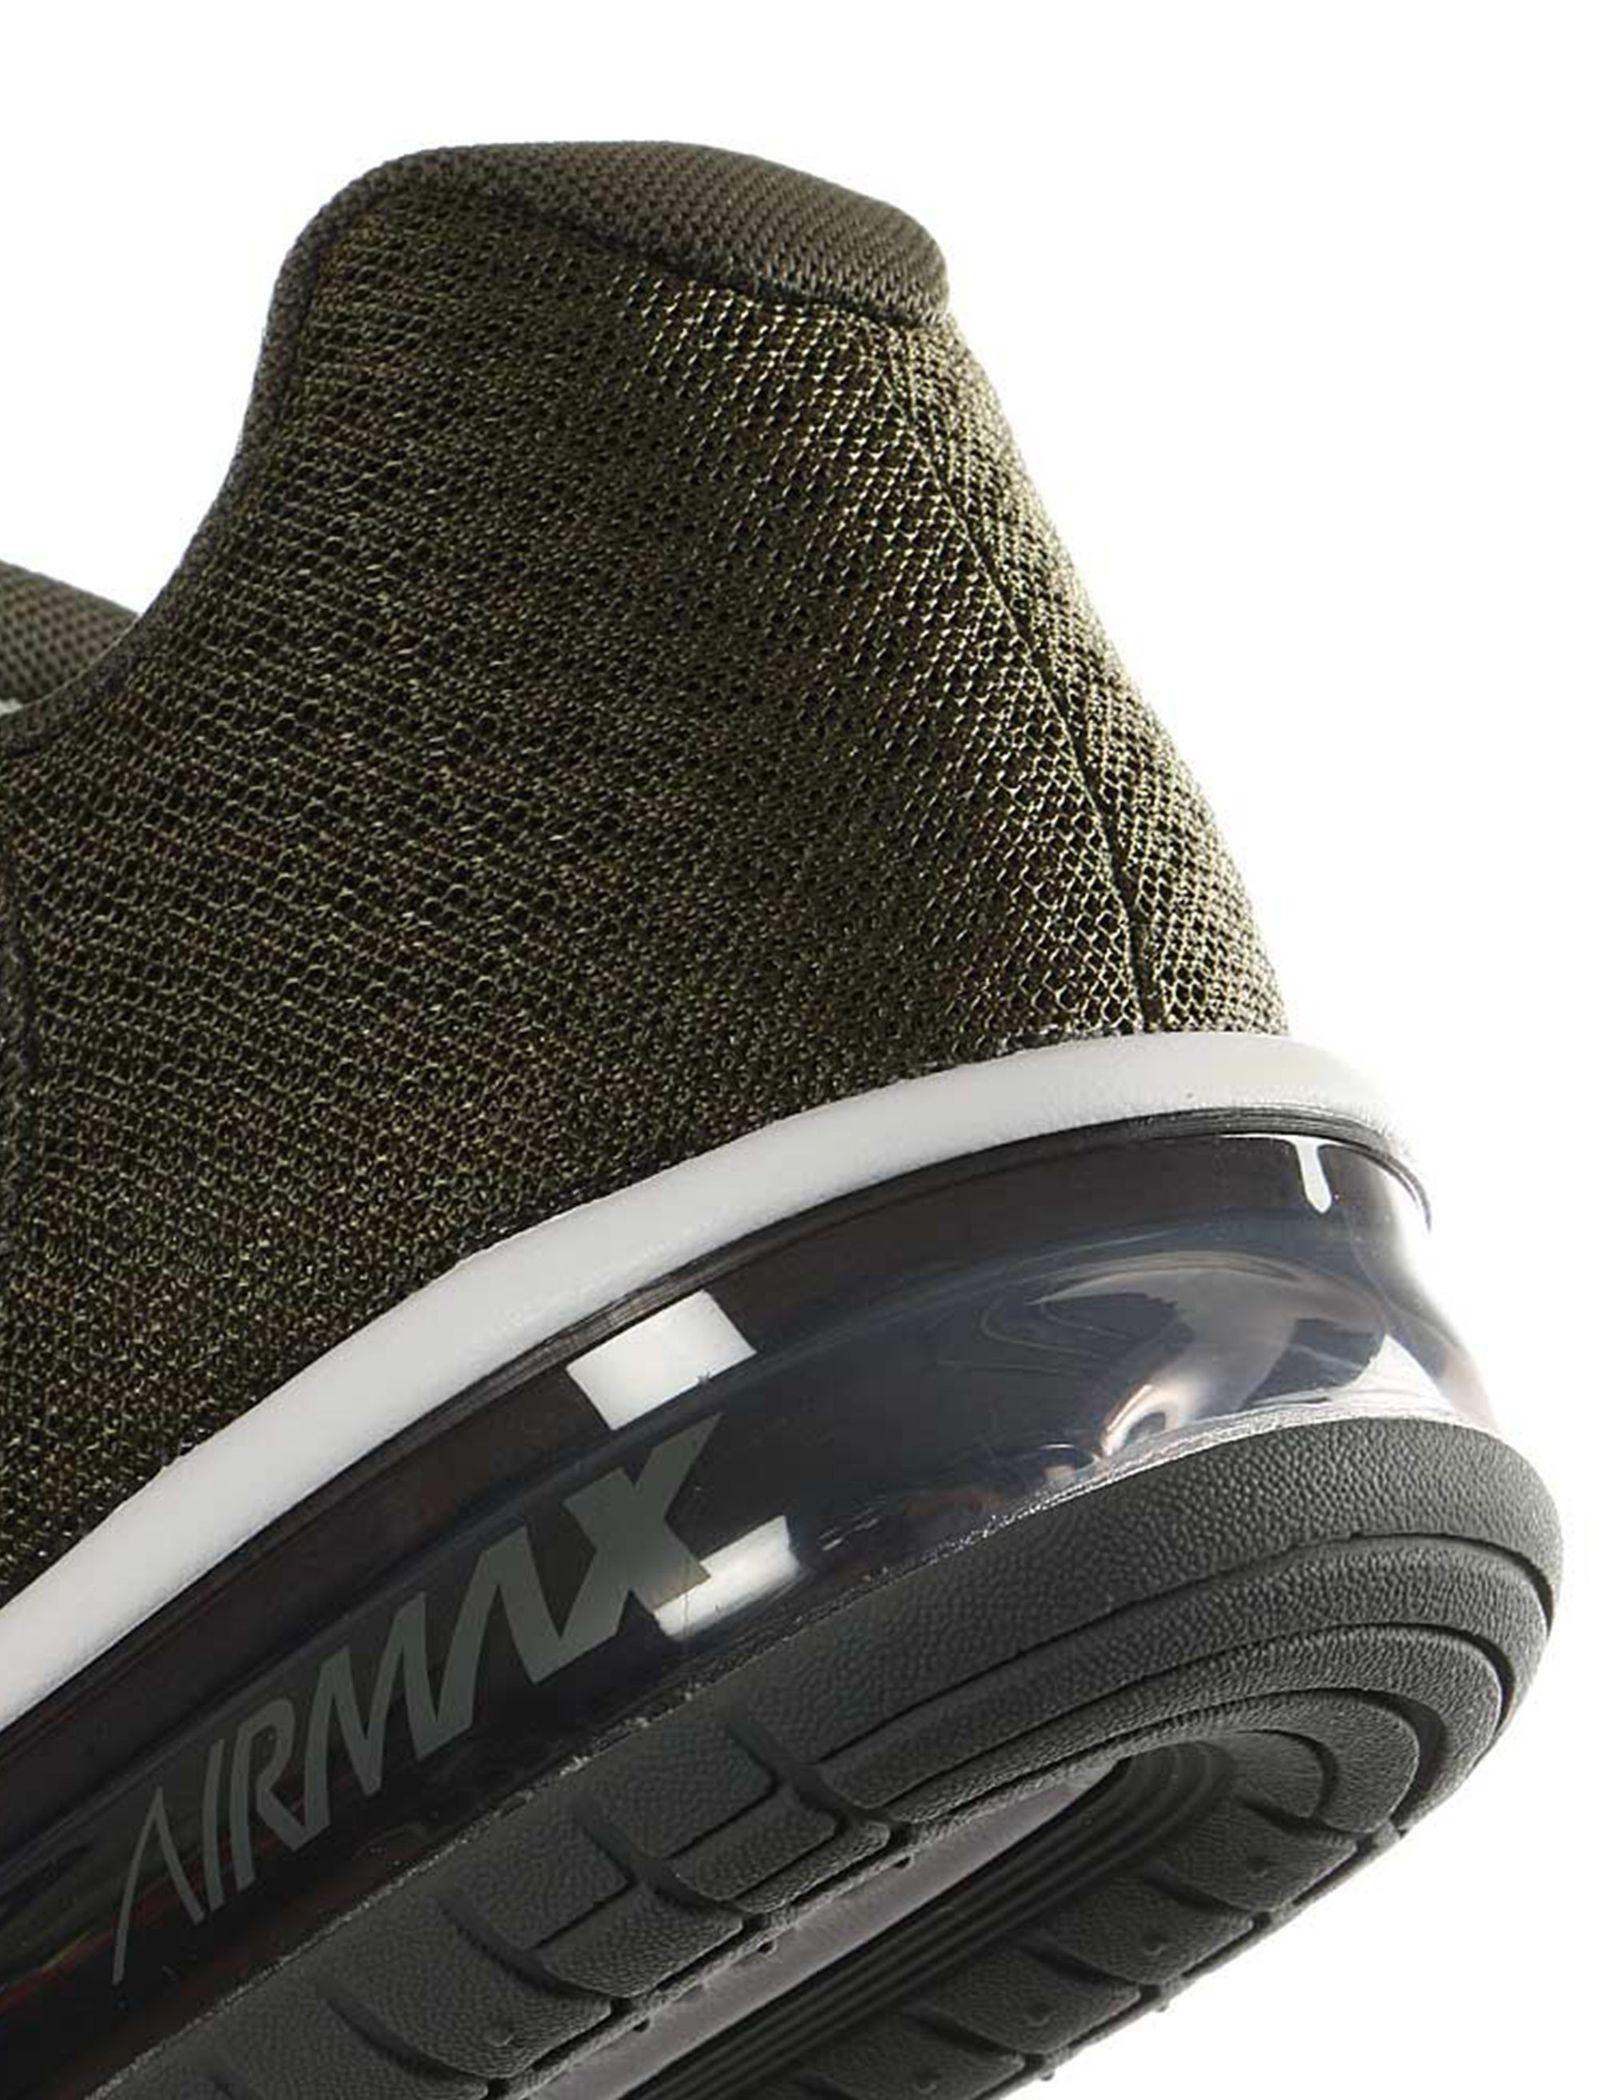 کفش دویدن بندی مردانه Air Max Sequent 2 - نایکی - زيتوني - 7